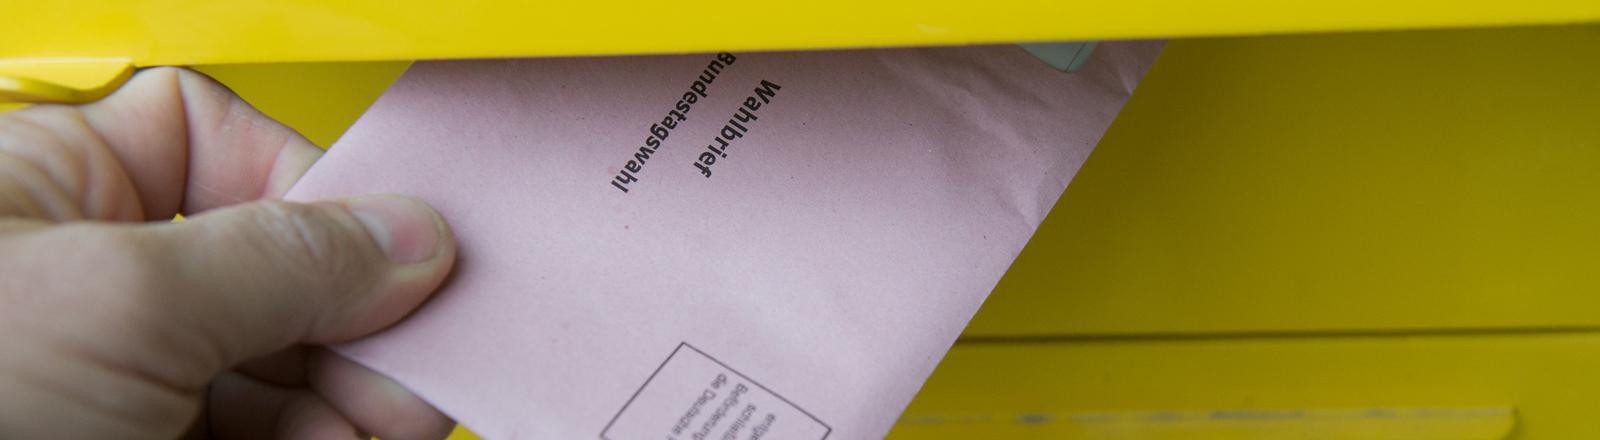 eine hand wirft einen stimmzettel in einen postkasten